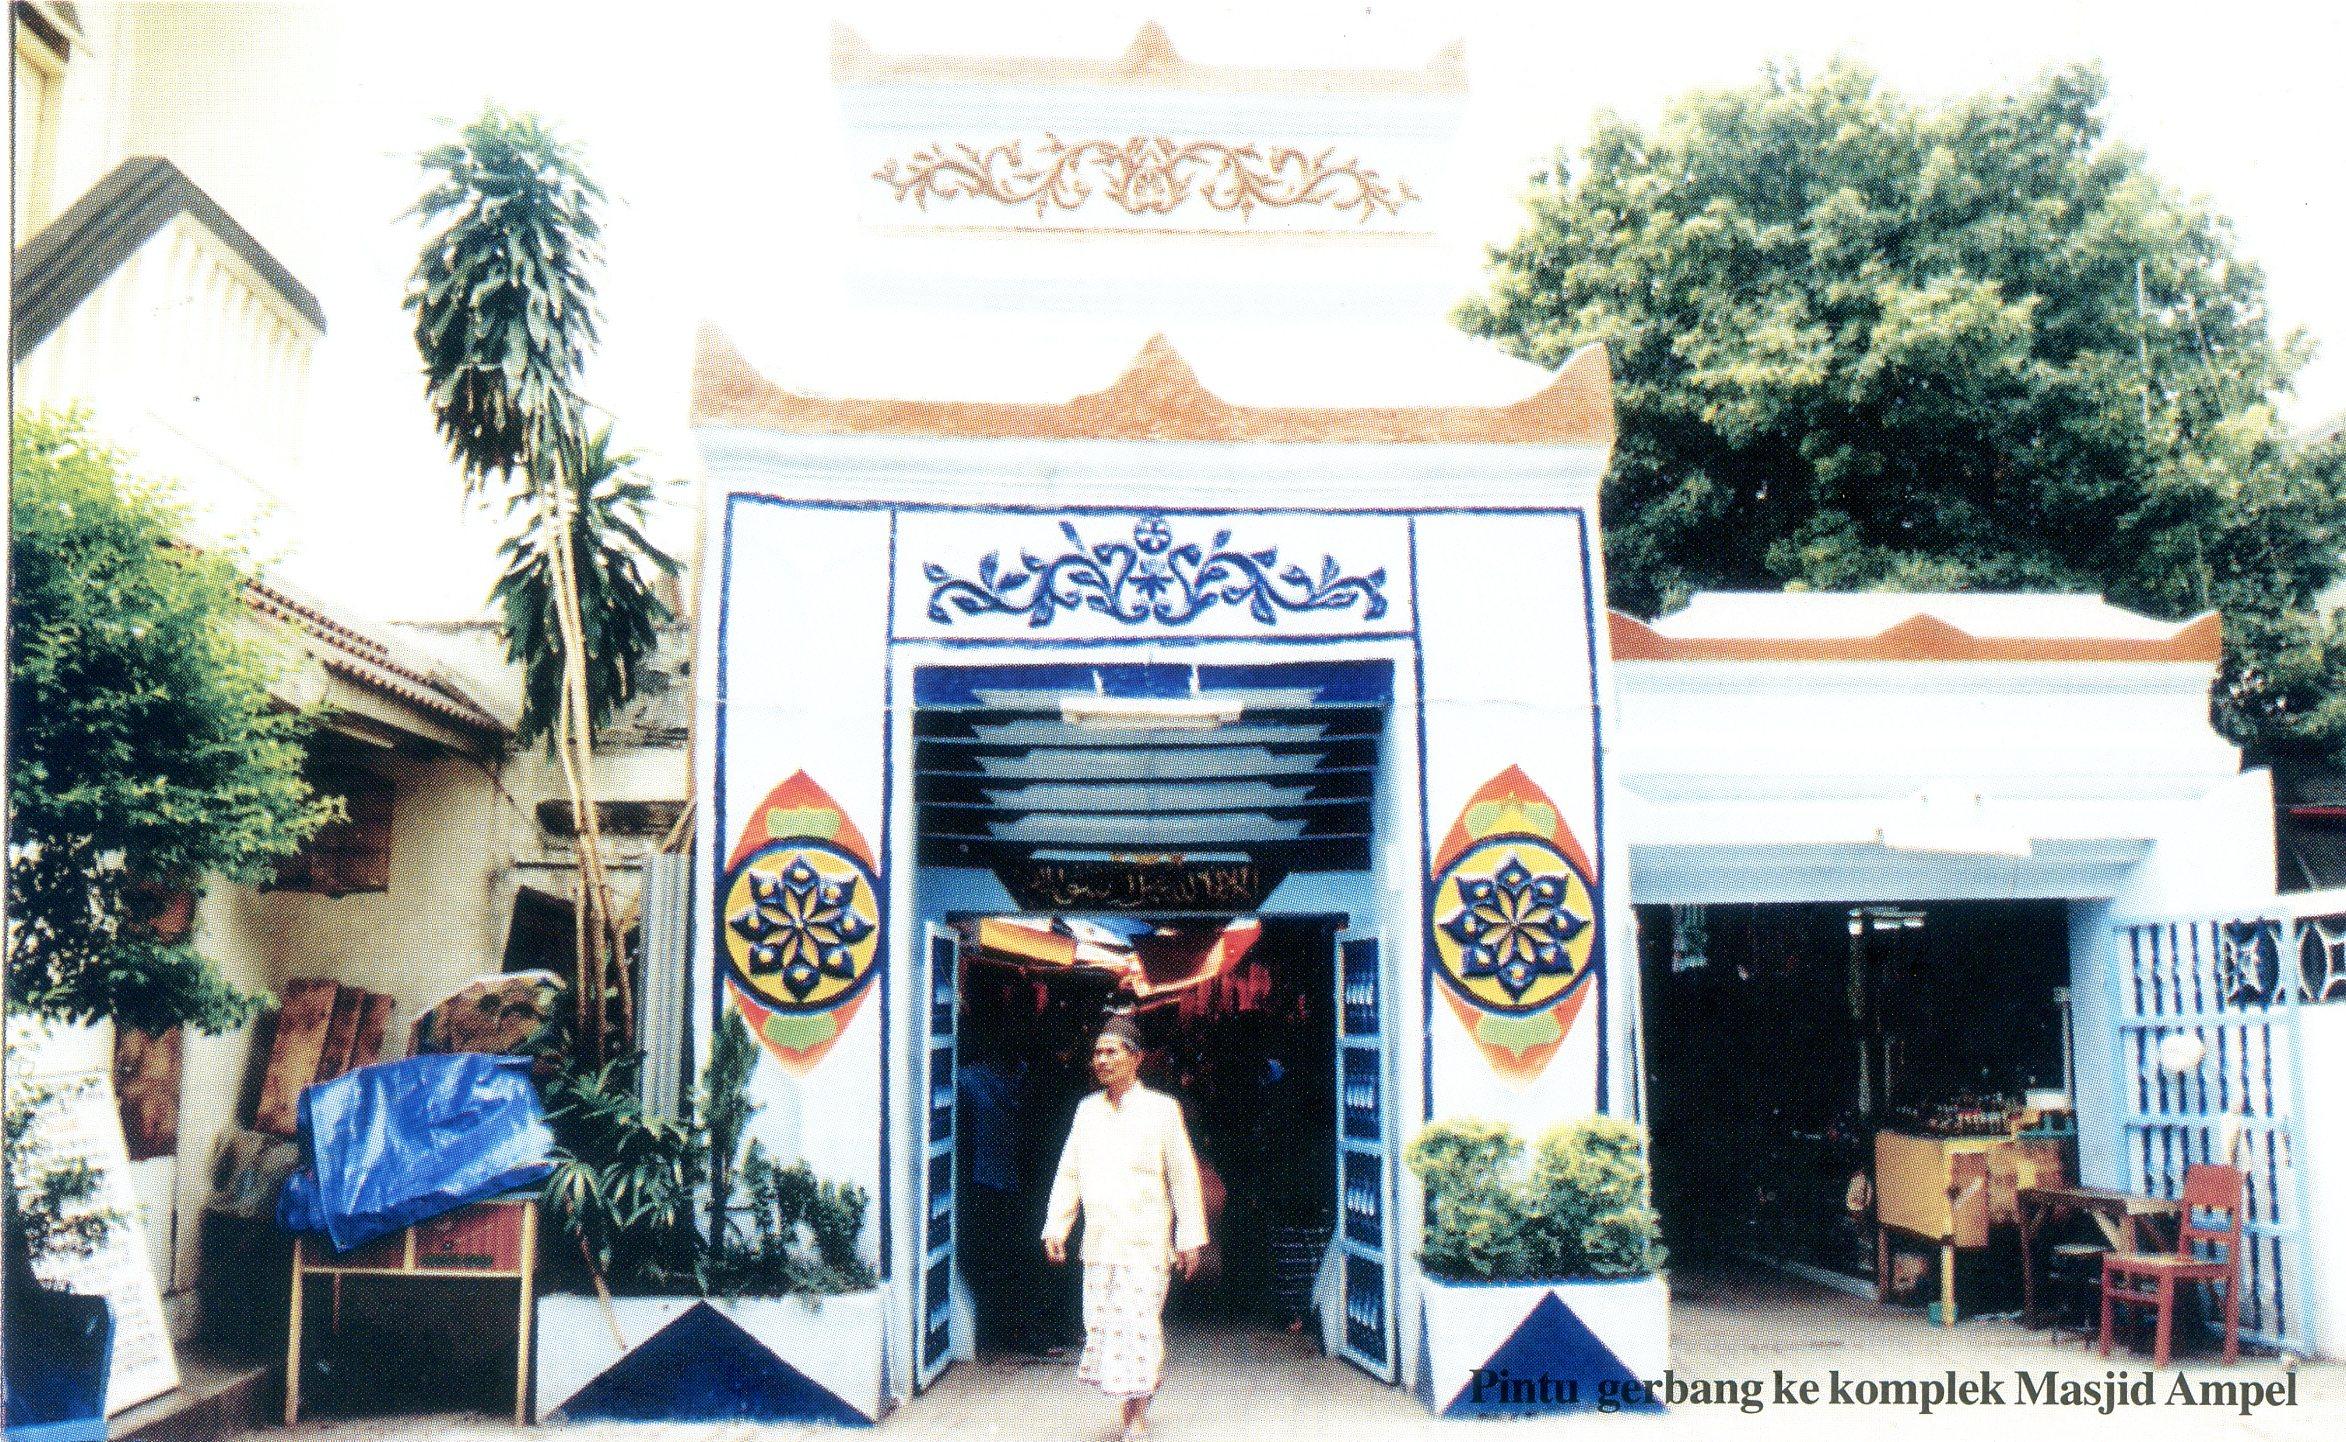 Sunan Ampel Pusaka Jawatimuran Umat Islam Gapura Mushola Ponpes Pak